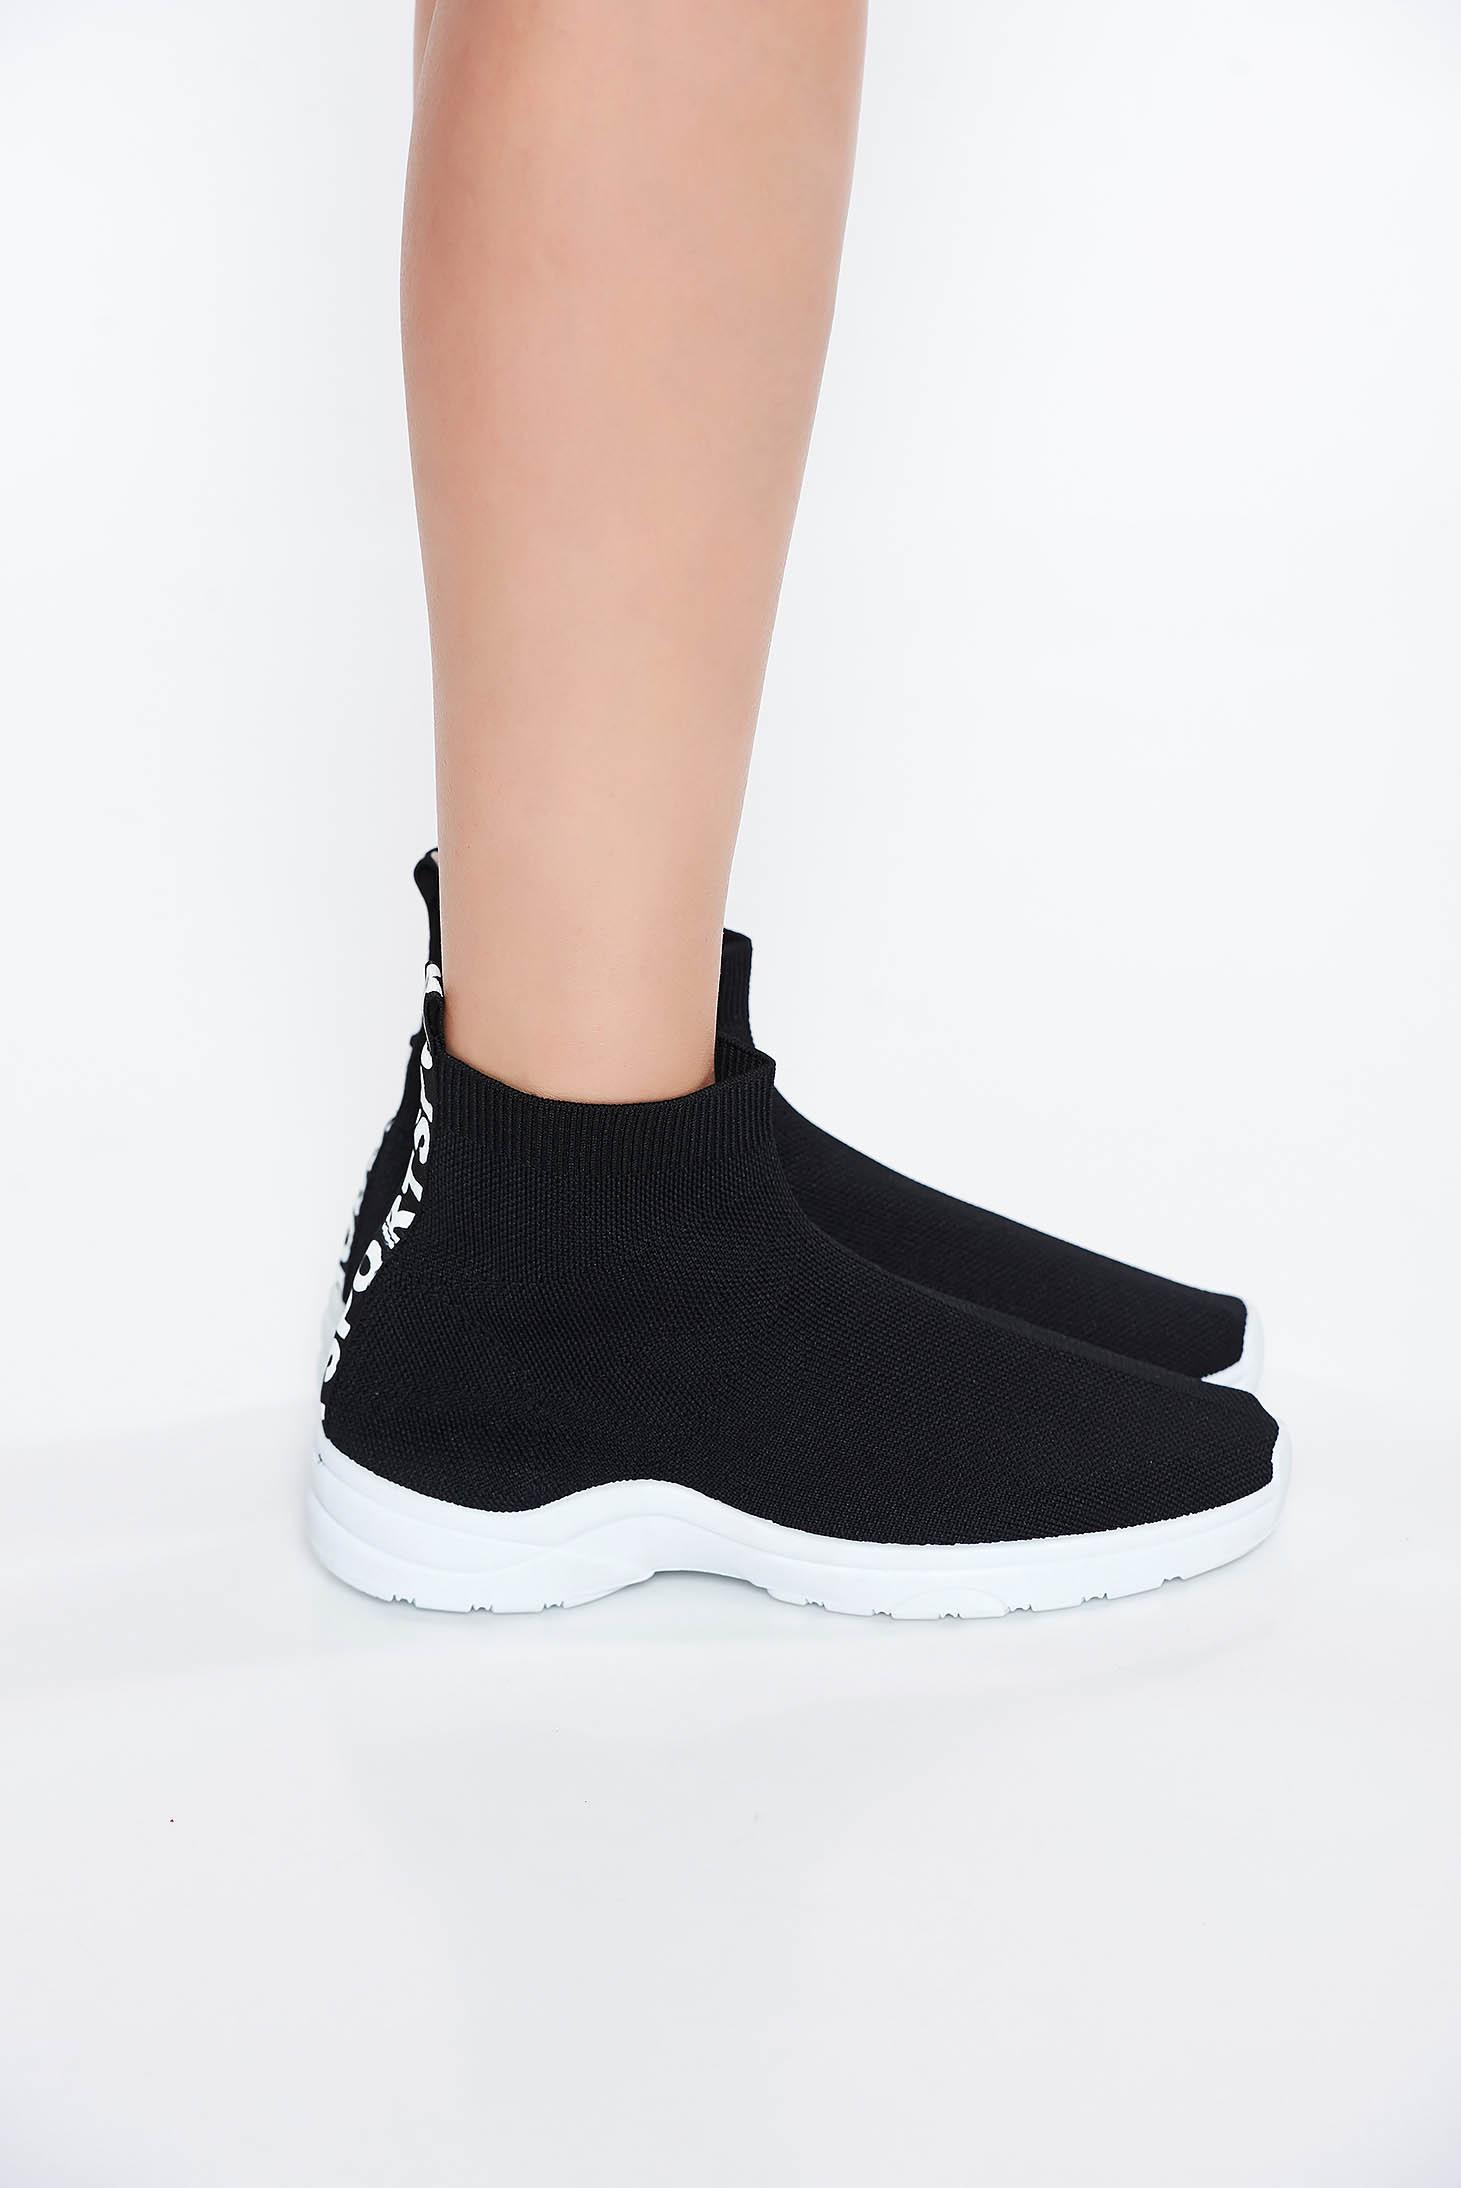 Black casual low heel sneakers slightly round toe tip